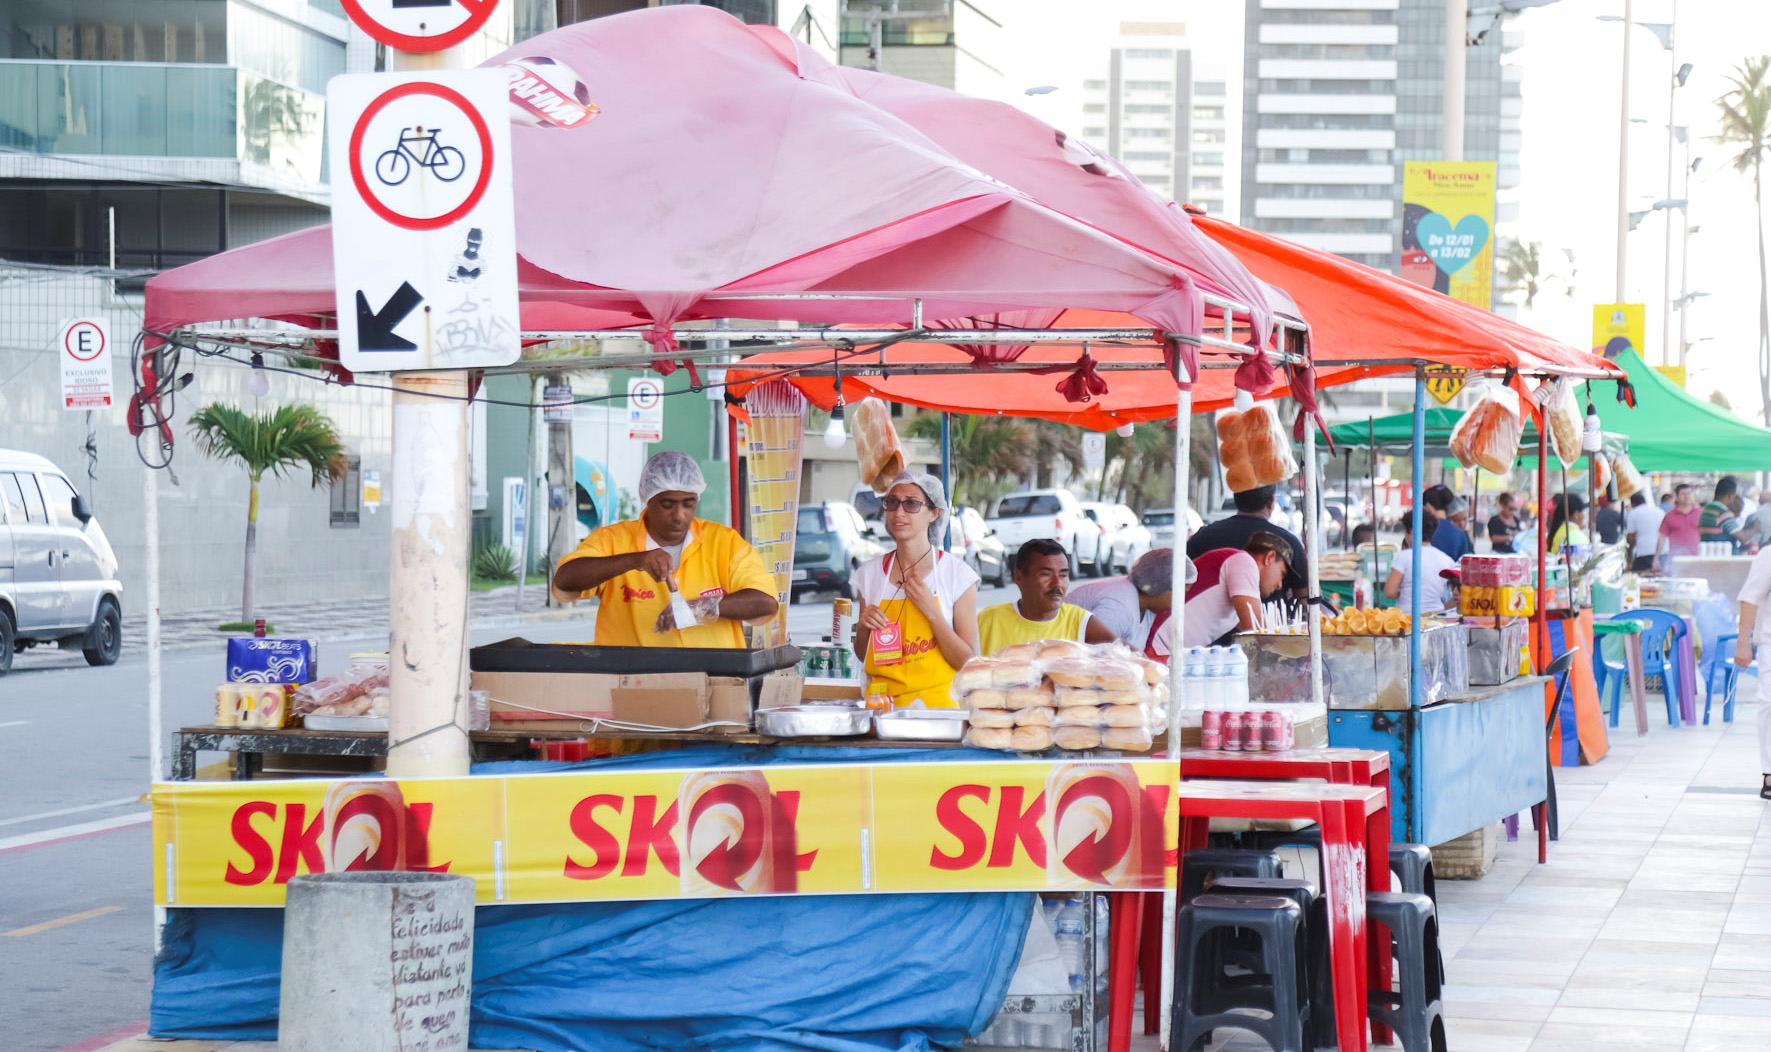 Cadastro de ambulantes para o Pré-Carnaval da prefeitura de Fortaleza têm inicio nessa segunda